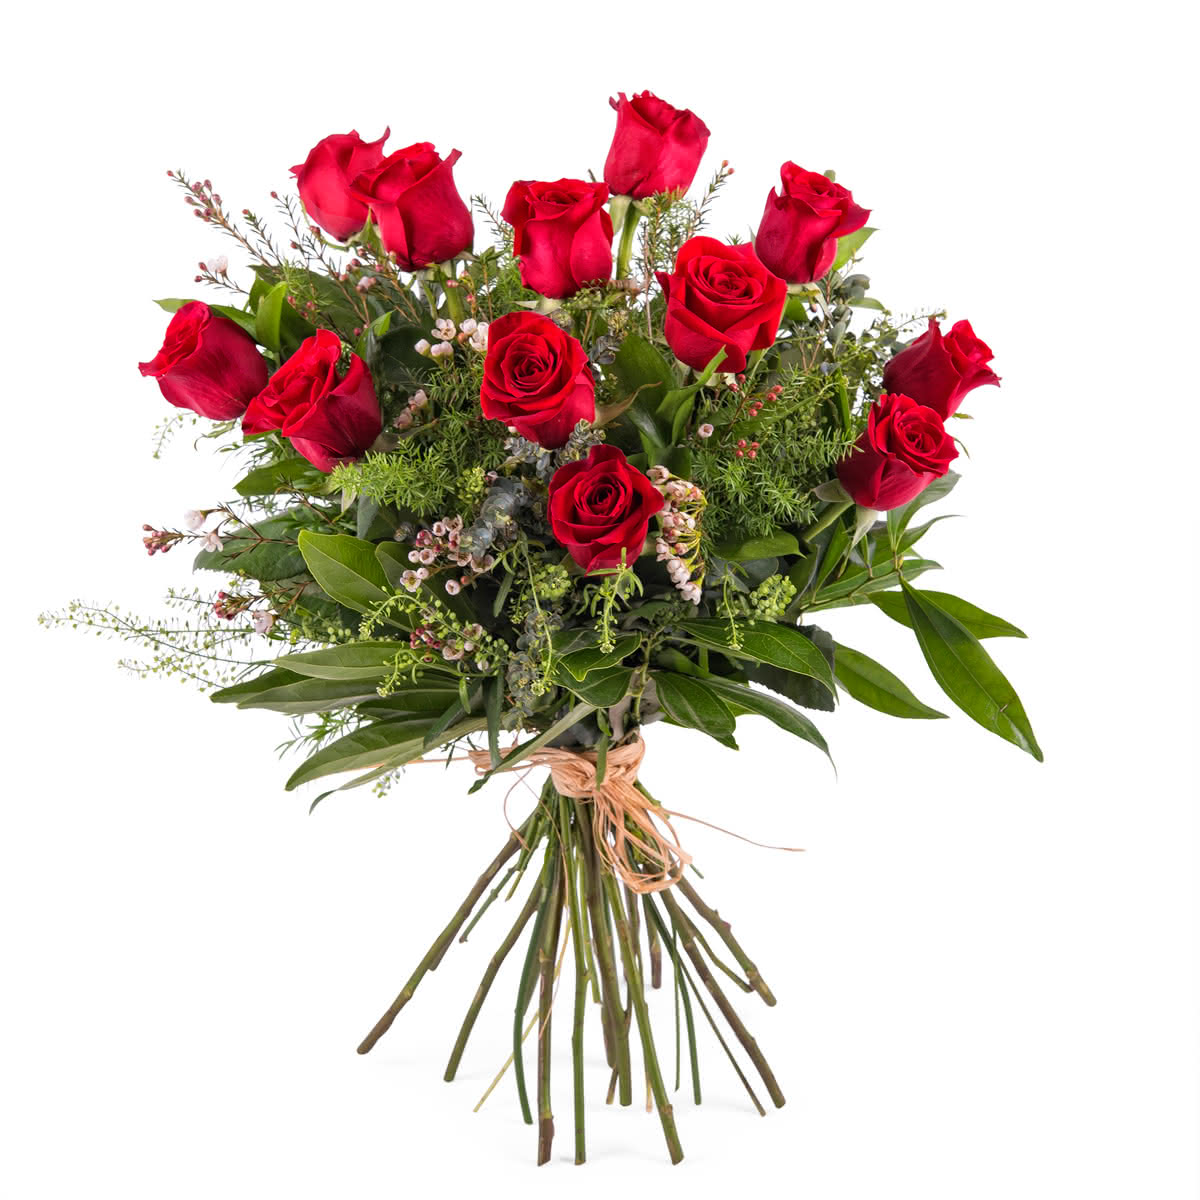 Amor, 12 Rosas Vermelhas de Pé Longo